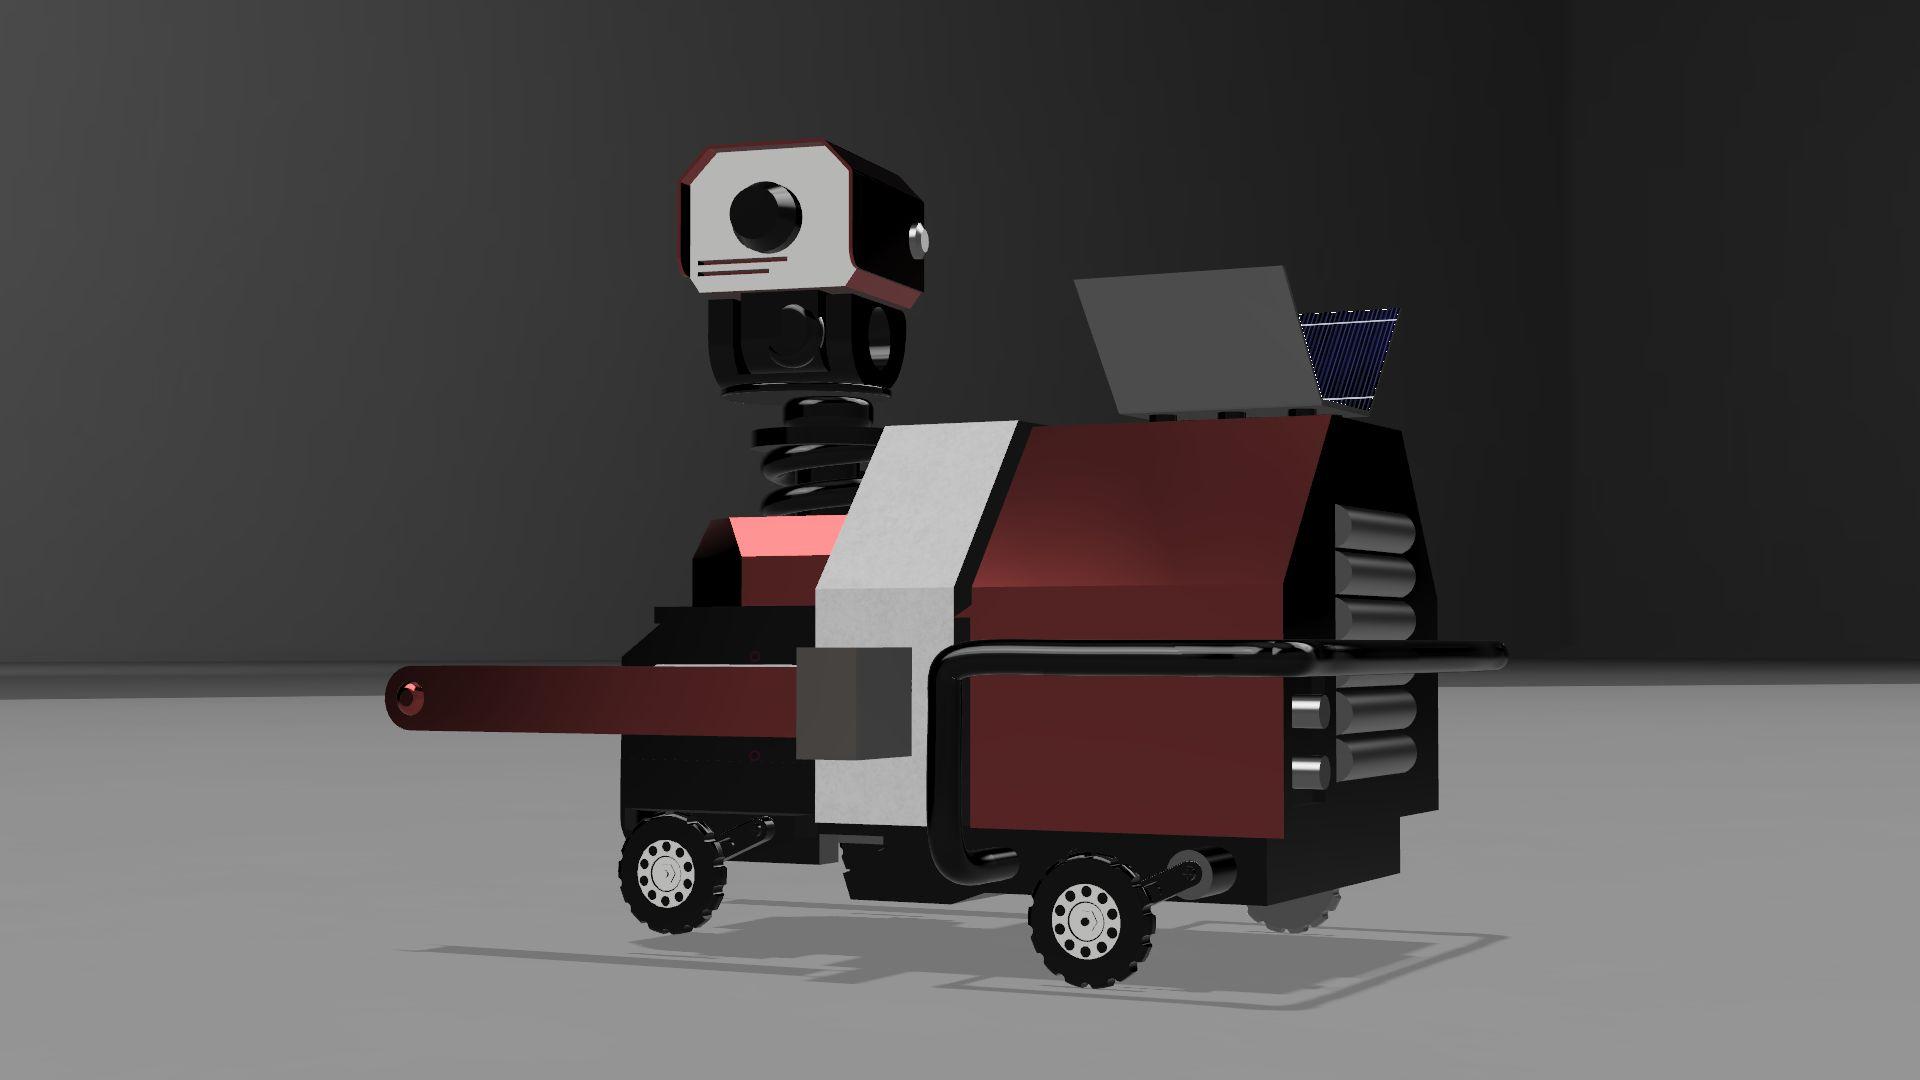 Rover-5-3500-3500